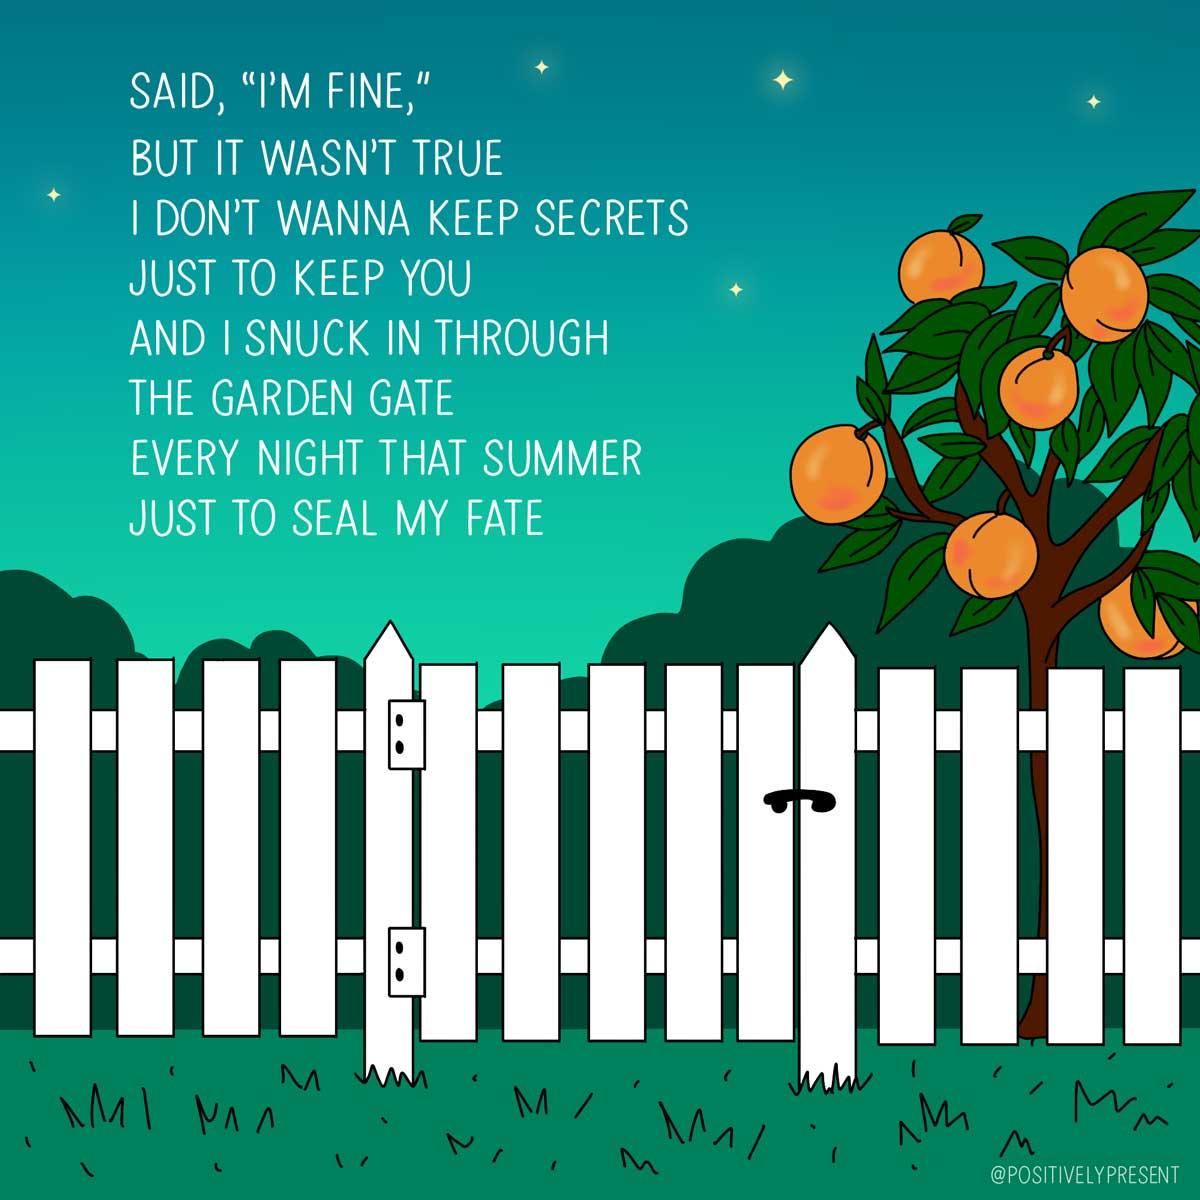 Said I'm fine, but it wasn't true taylor swift song lyrics.